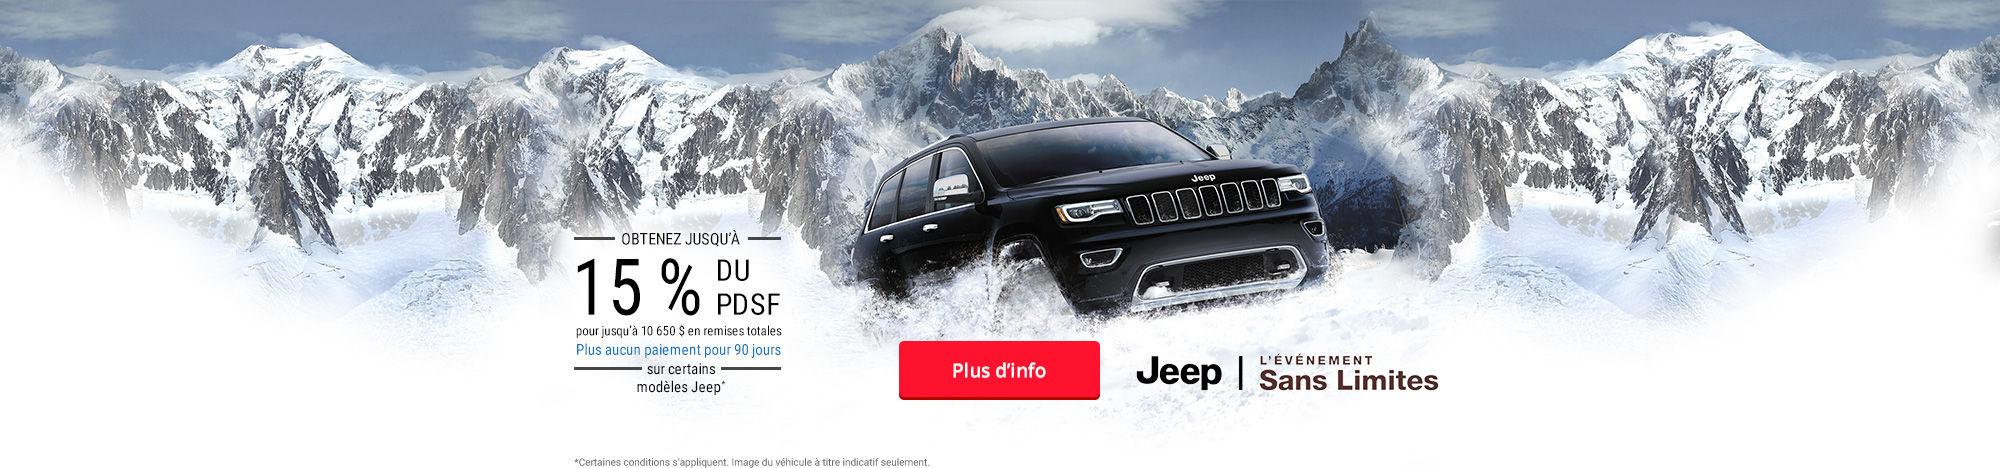 Événement - Jeep